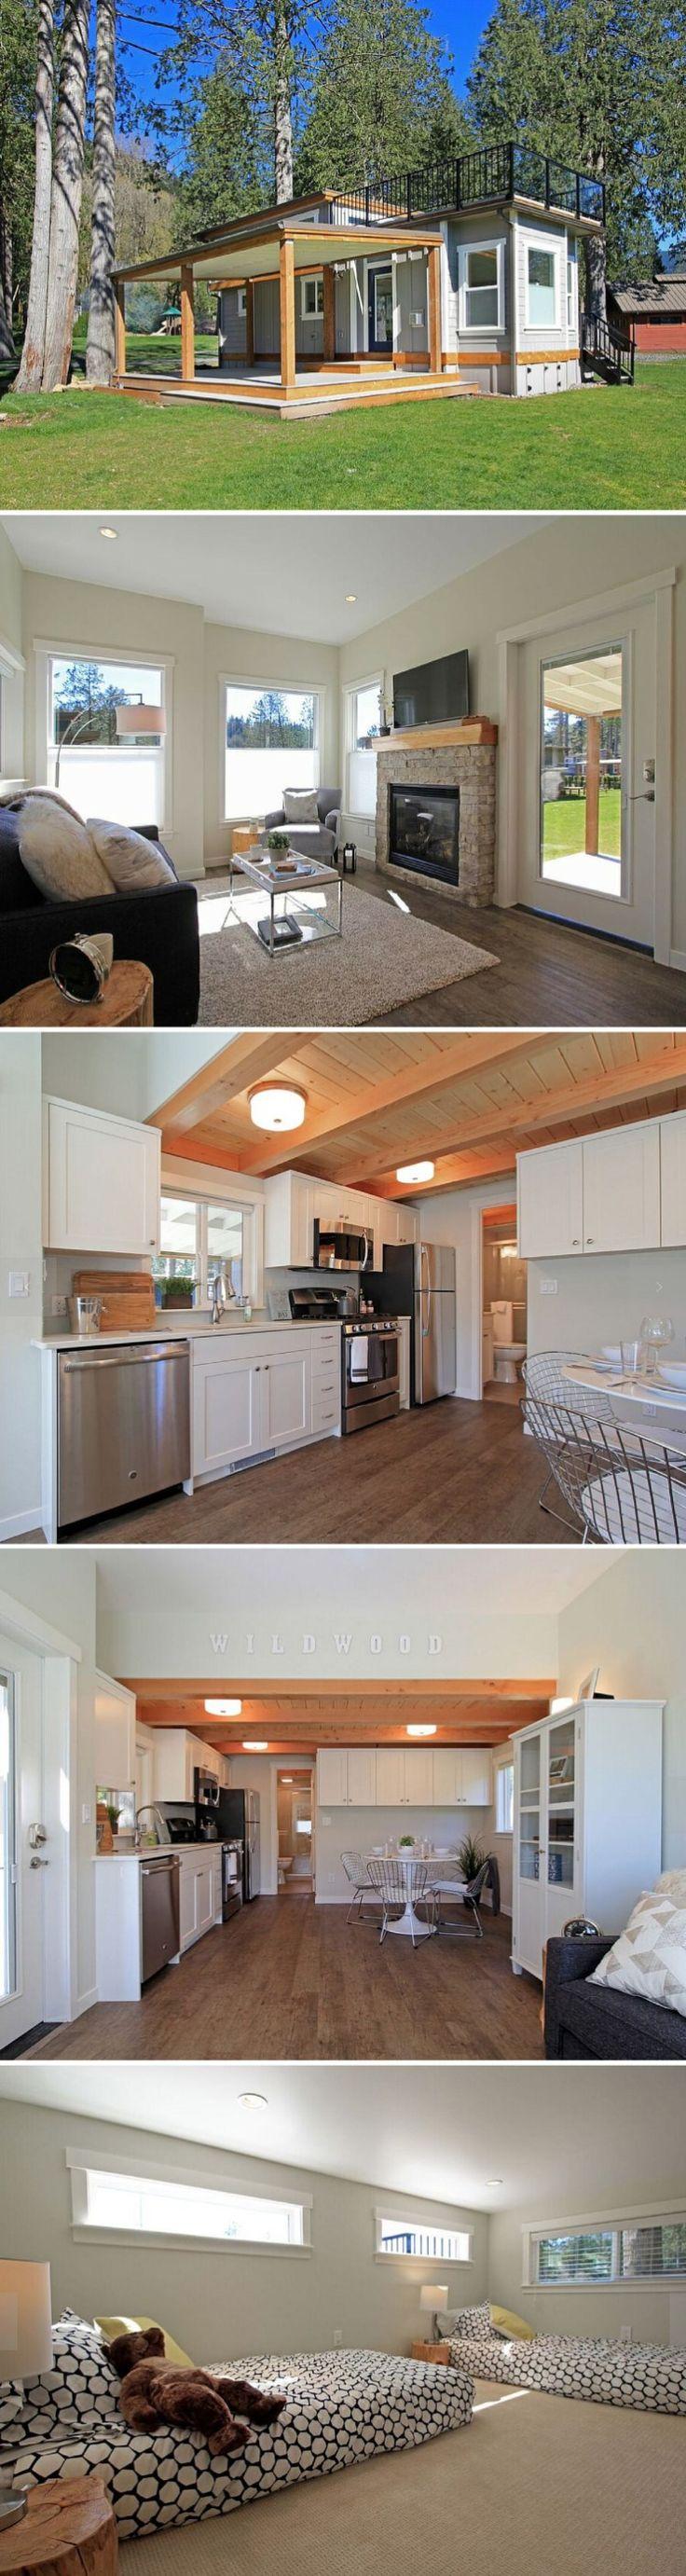 TINY HOUSE DESIGN INSPIRATION NO 49